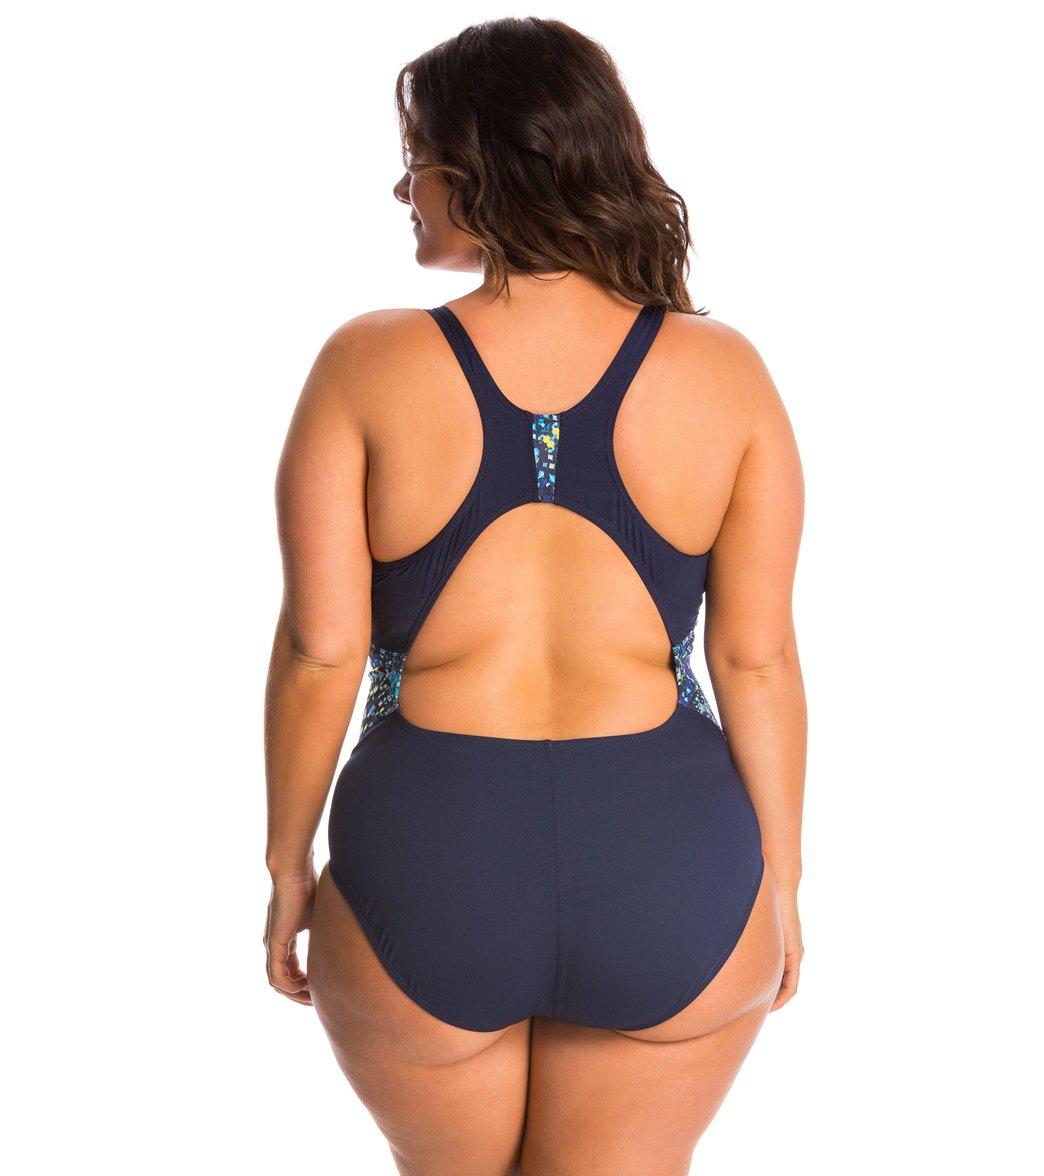 d752d0ef37c EQ Swimwear Plus Size Grace One Piece Swimsuit at SwimOutlet.com ...